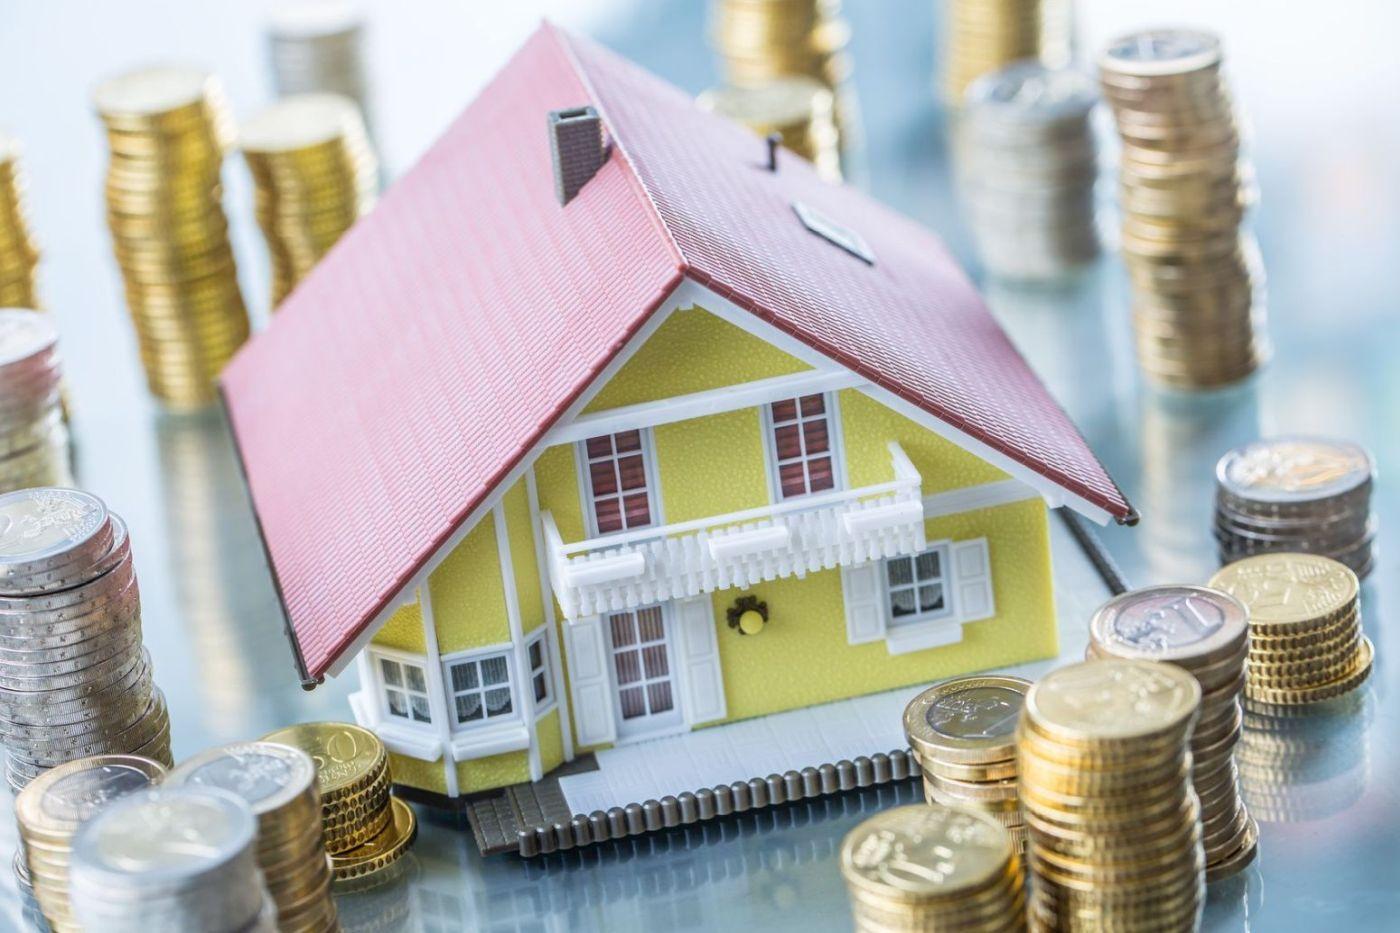 kredyt hipoteczny czy kredyt mieszkaniowy